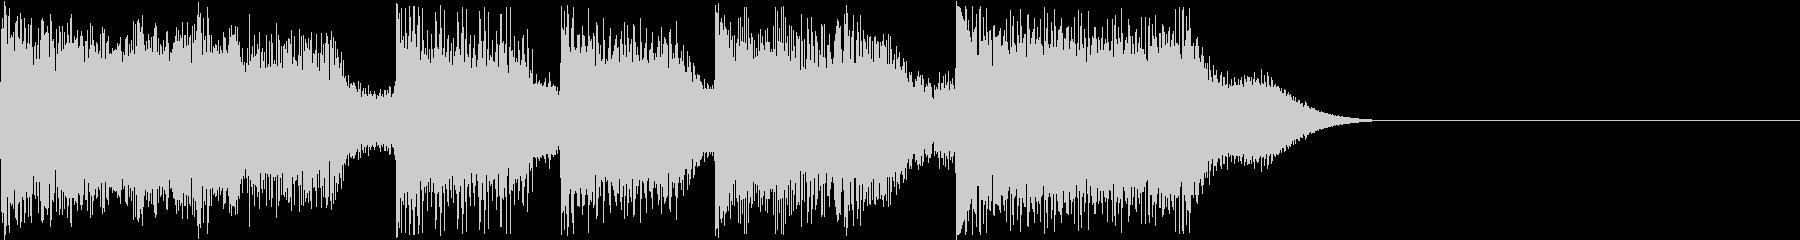 AI メカ/ロボ/マシン動作音 41の未再生の波形